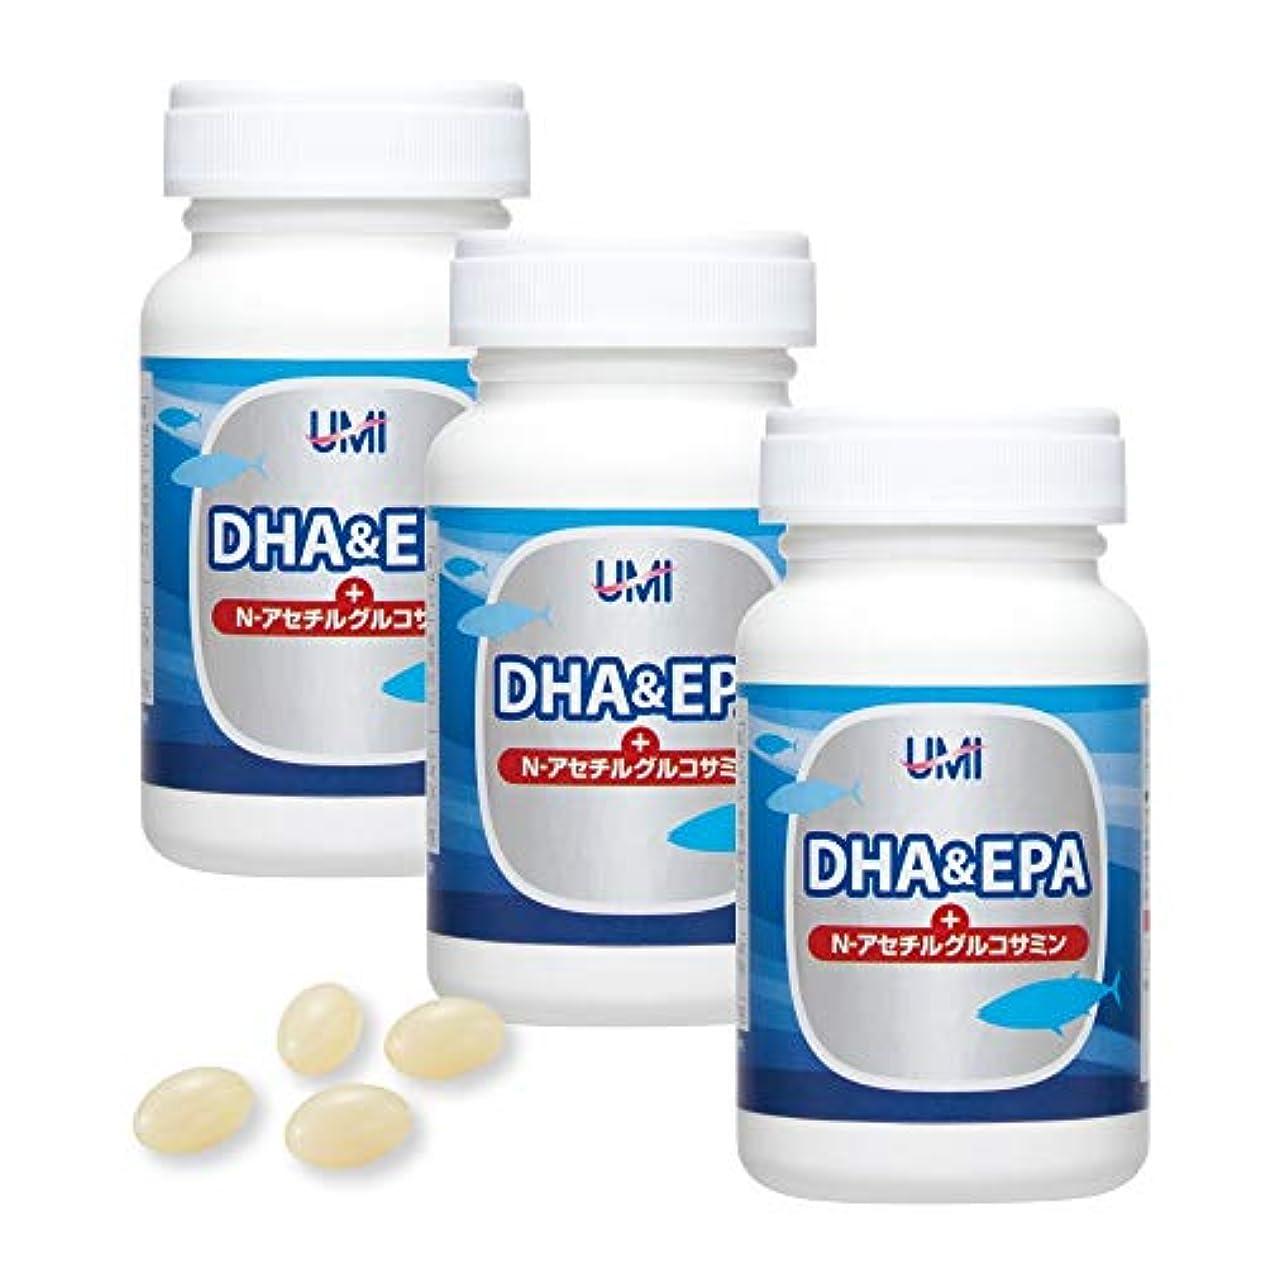 逆説統治するマウンドDHA&EPA+N-アセチルグルコサミン 3本セット360粒(1本120粒入り)